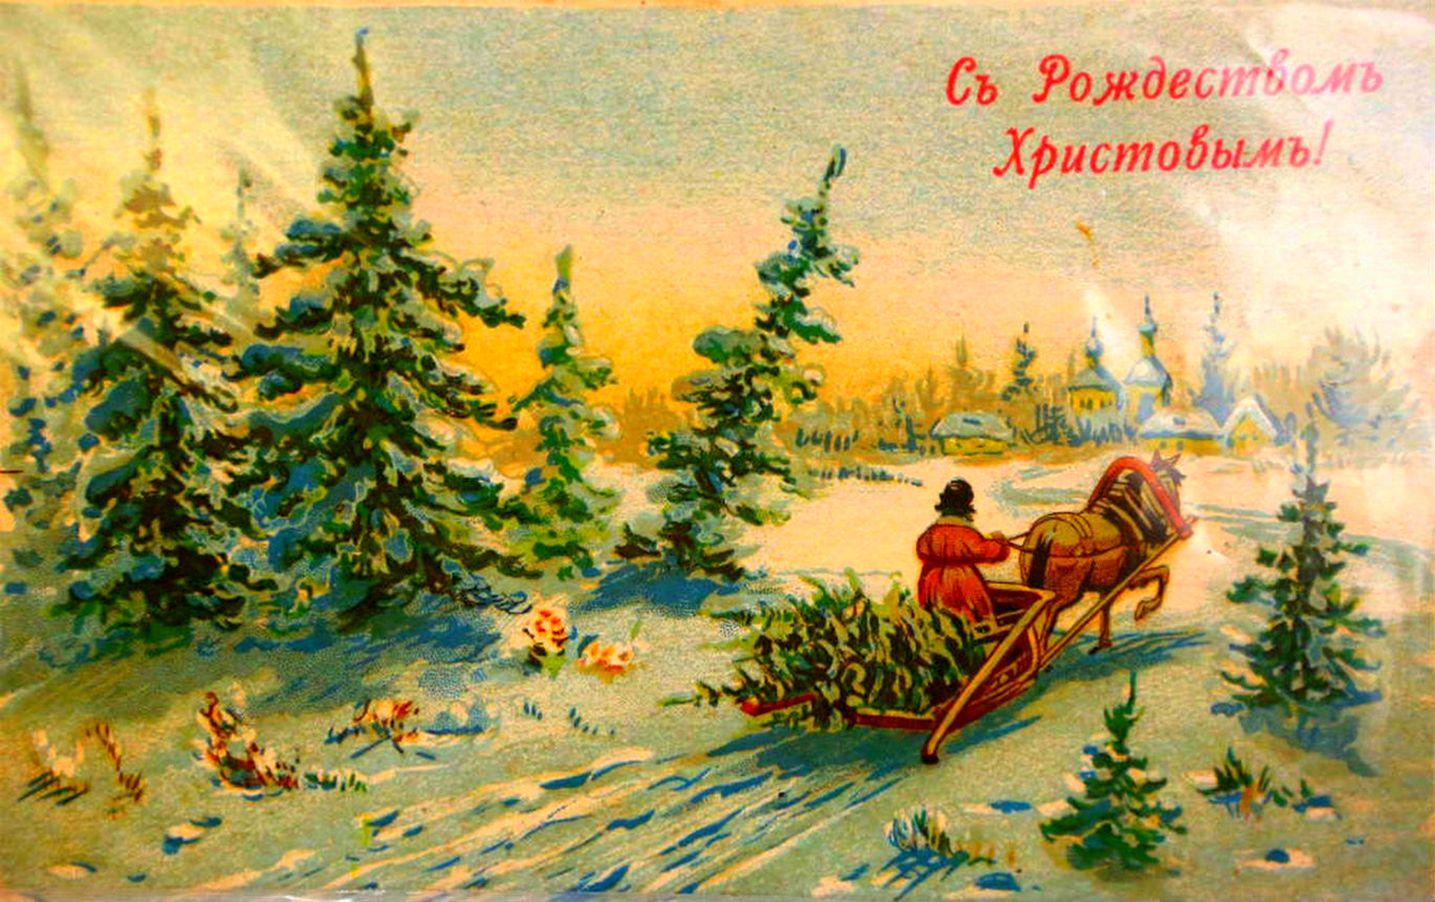 Открытки с рождеством христовым дореволюционные 8